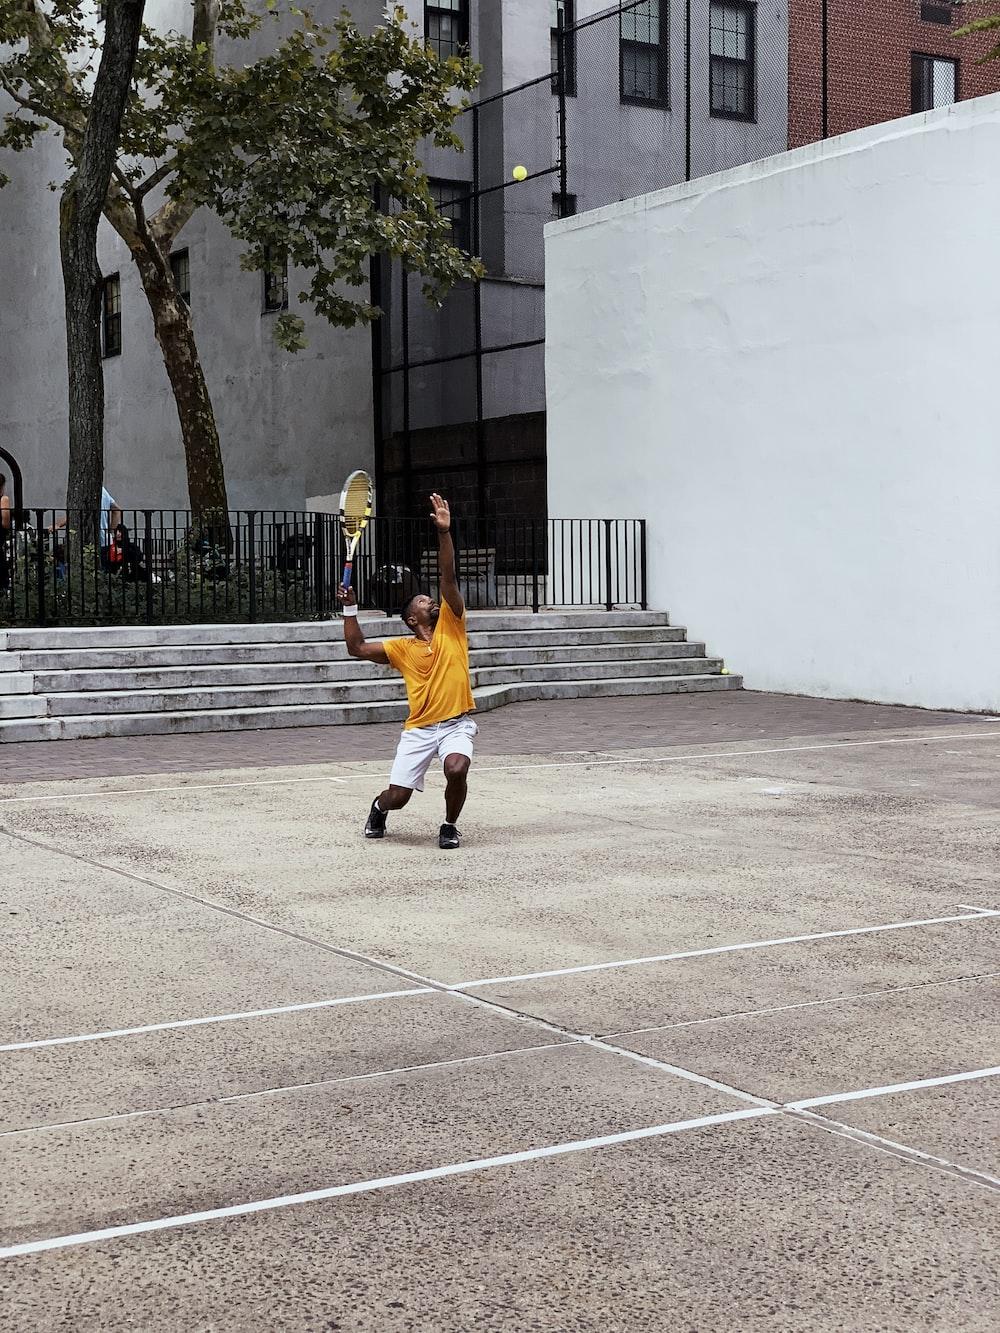 man wearing yellow shirt playing tennis